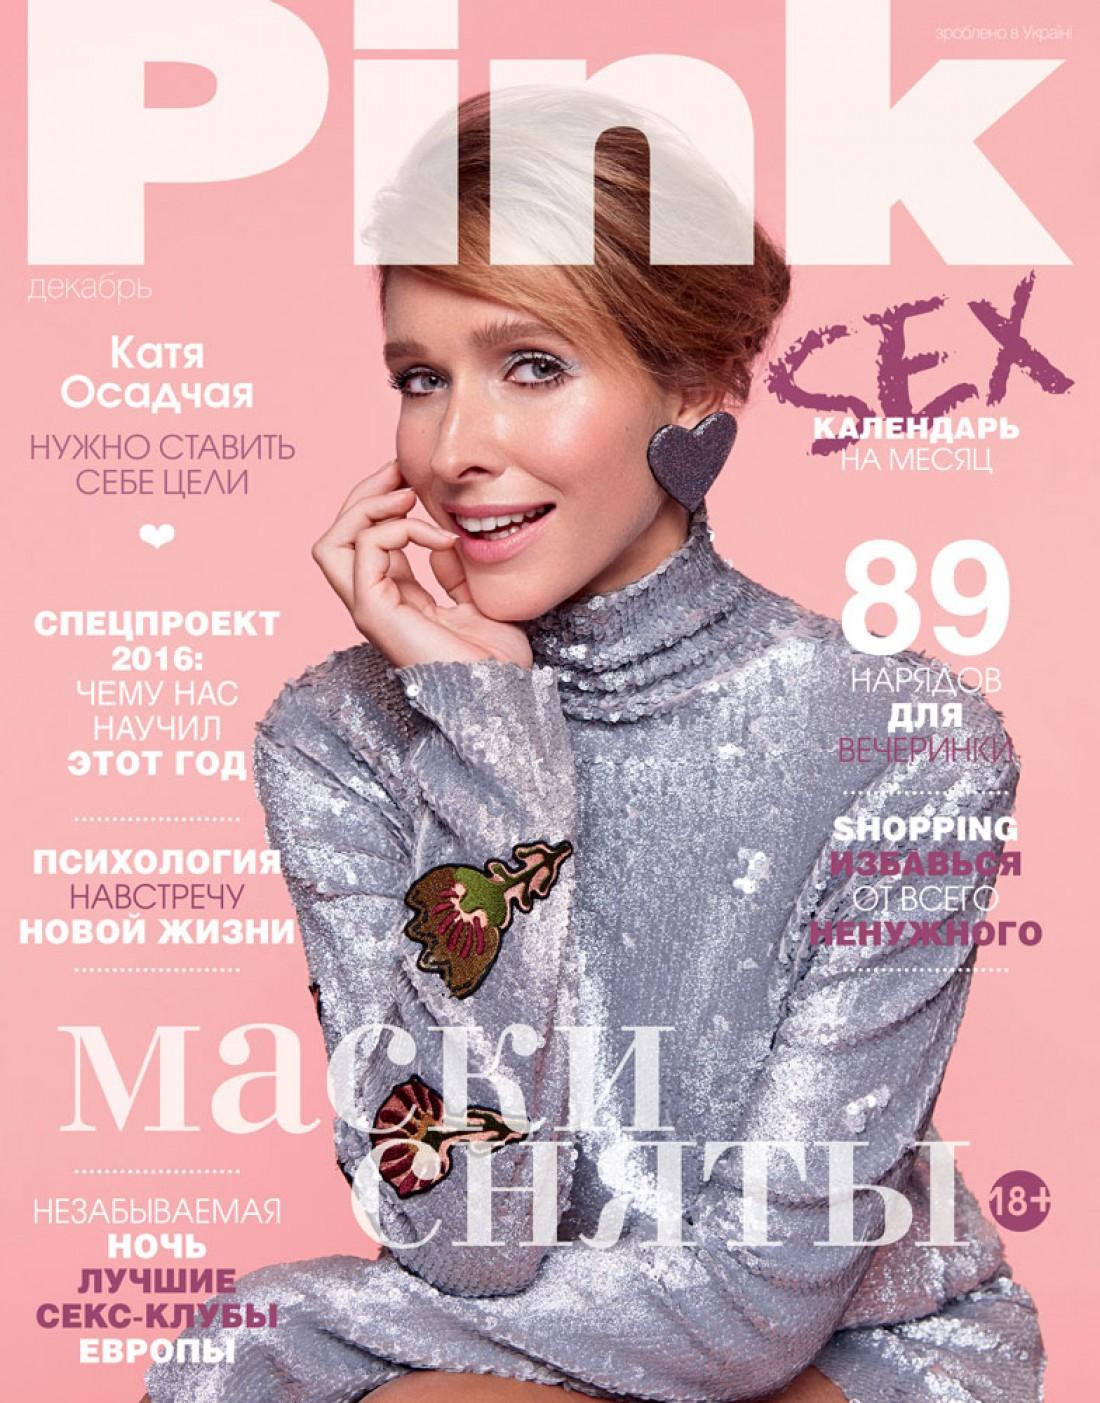 Телеведущая Катя Осадчая для Pink